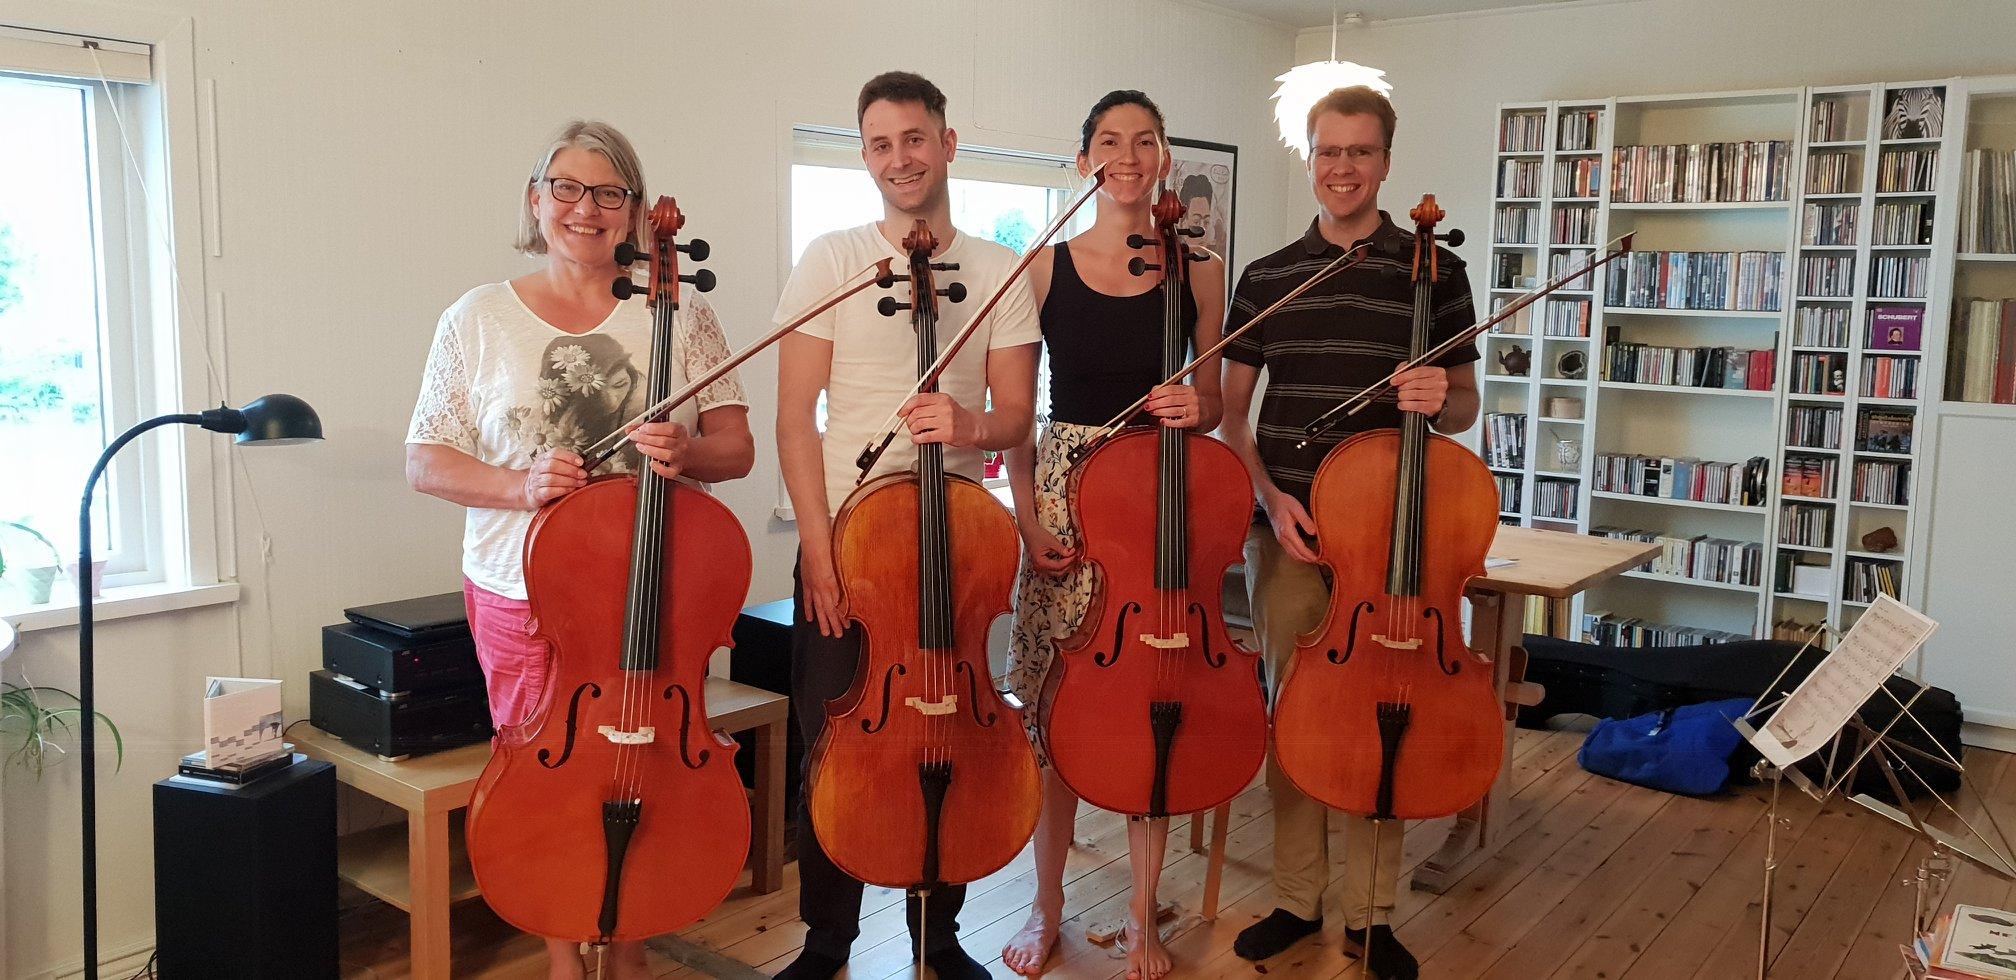 cellokurs cellolærer cellotimer celloundervisning cellokurs oslo Stavanger musikkskole voksenopplæring cello voksne kulturskole musikkskole fritidsklubb aktiviteter barn